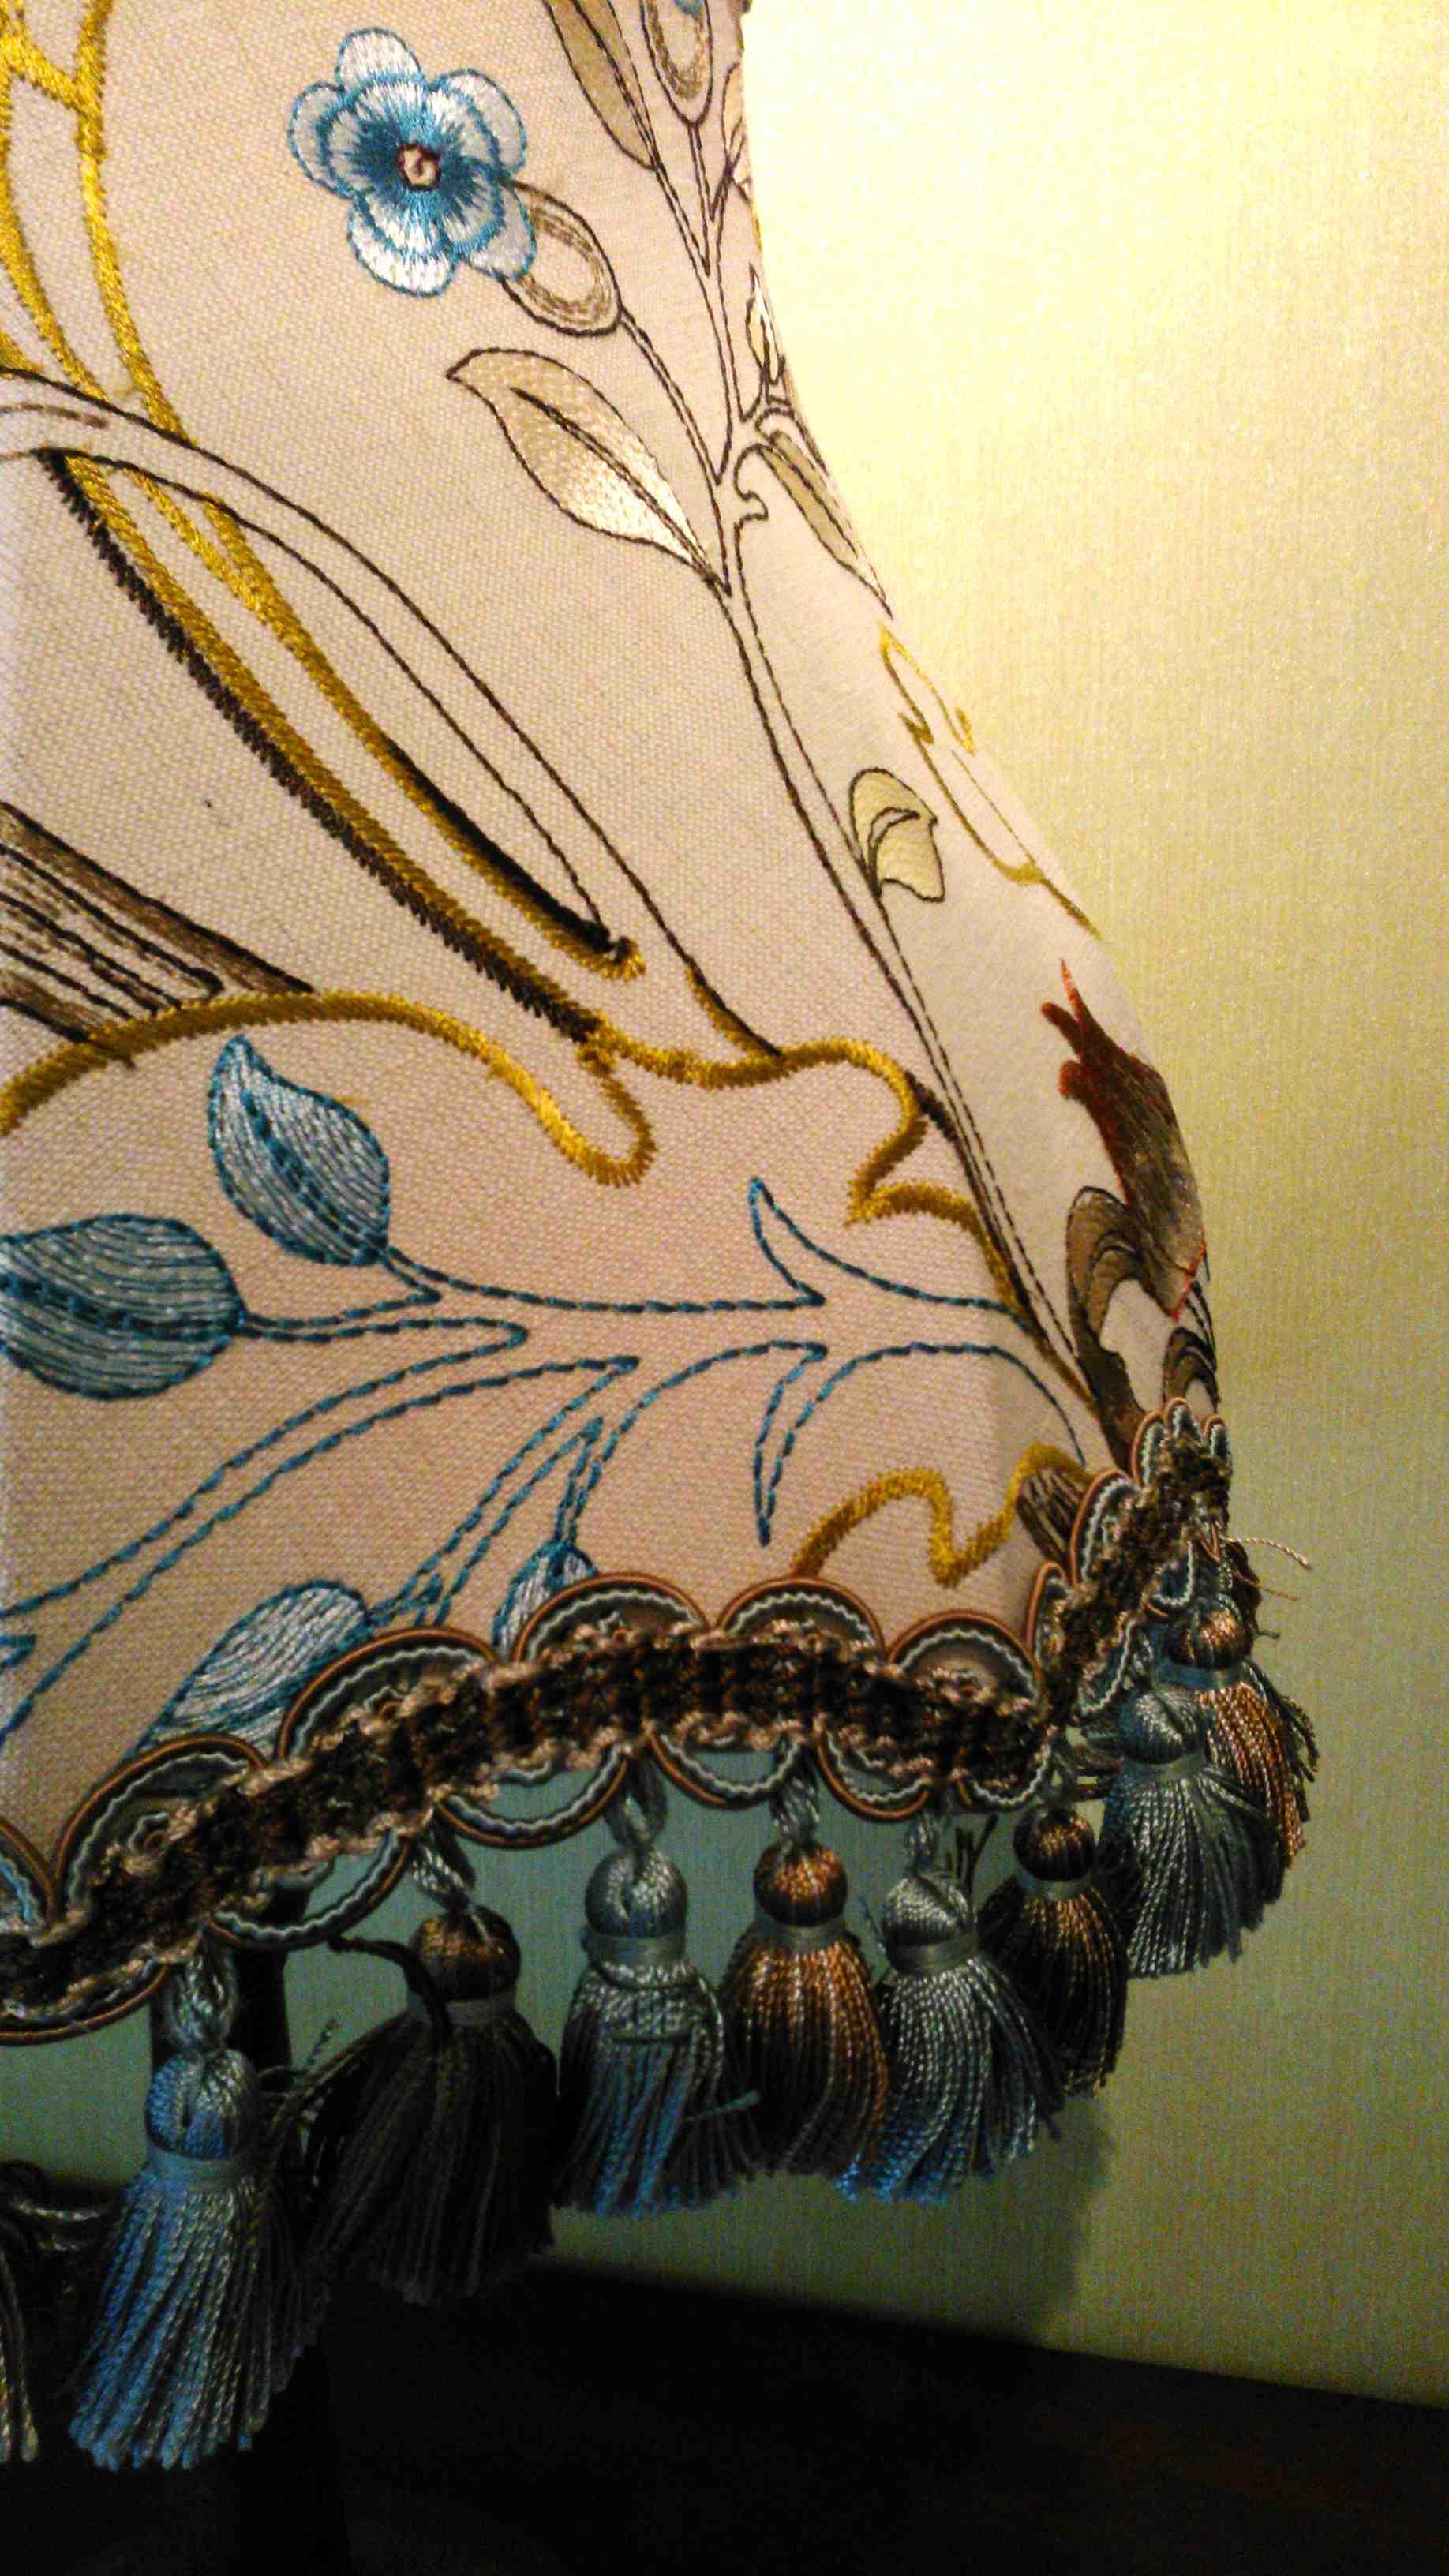 モリスのテーブルランプ『マリーイザベル』麻バージョン_c0157866_19543024.jpg